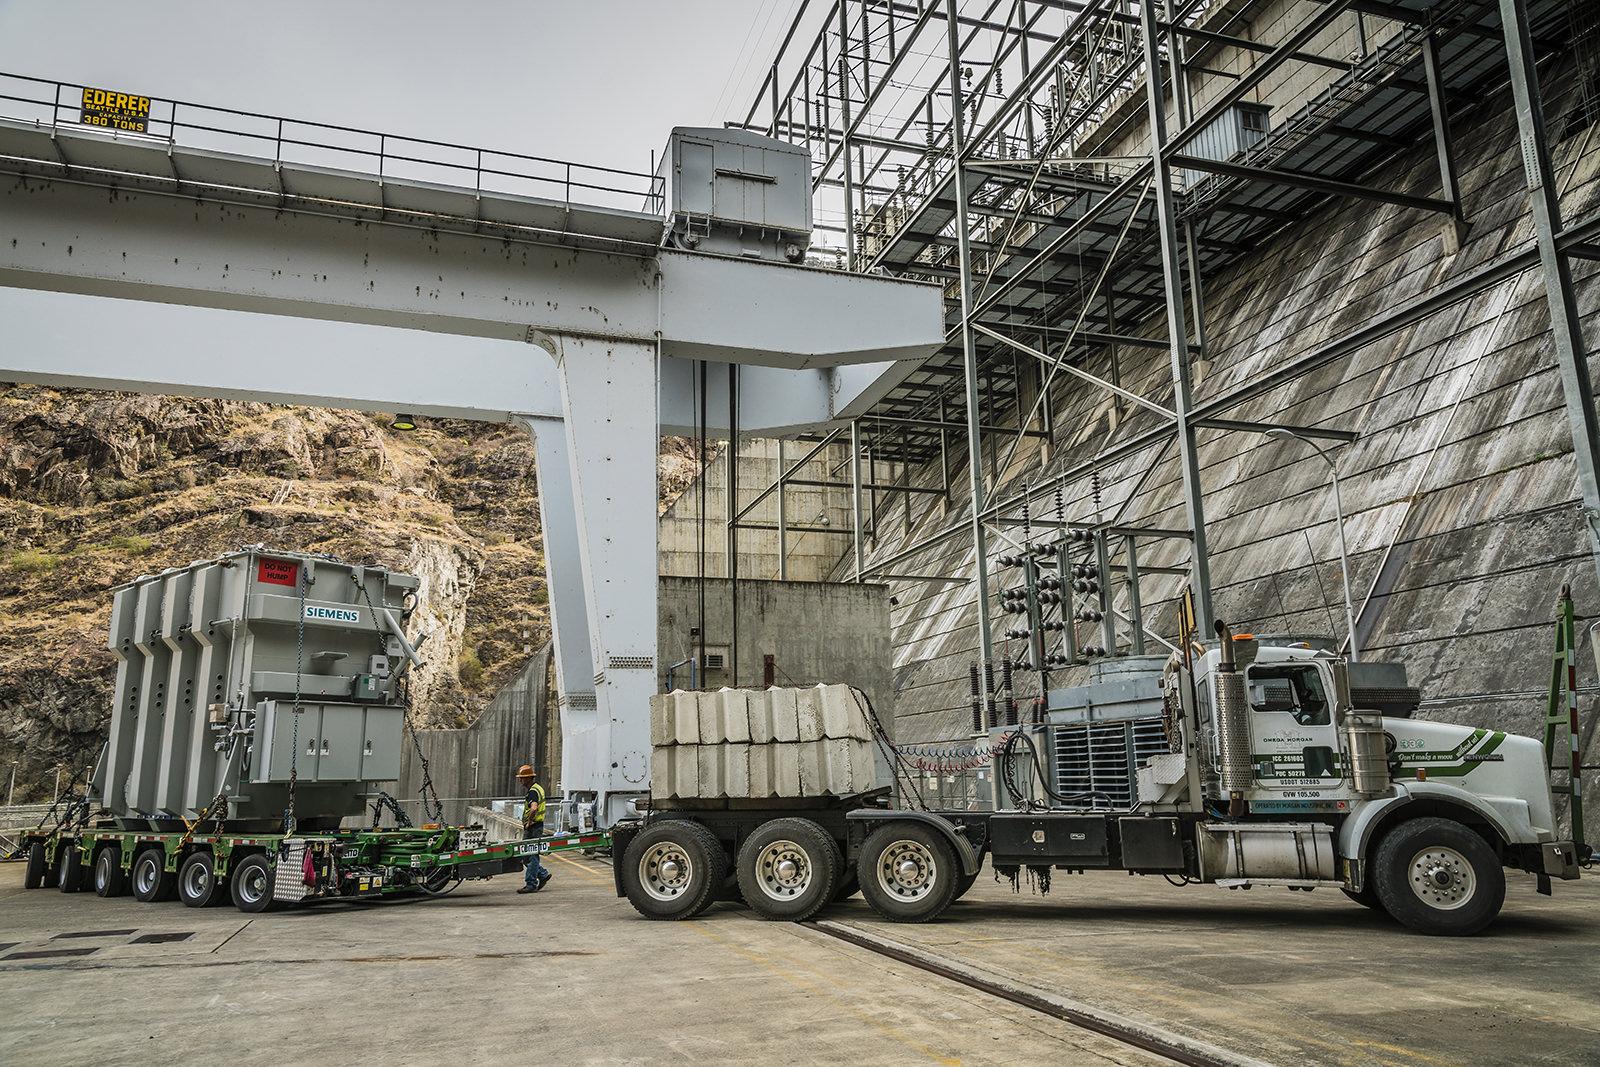 Delivering 200,000lb transformer